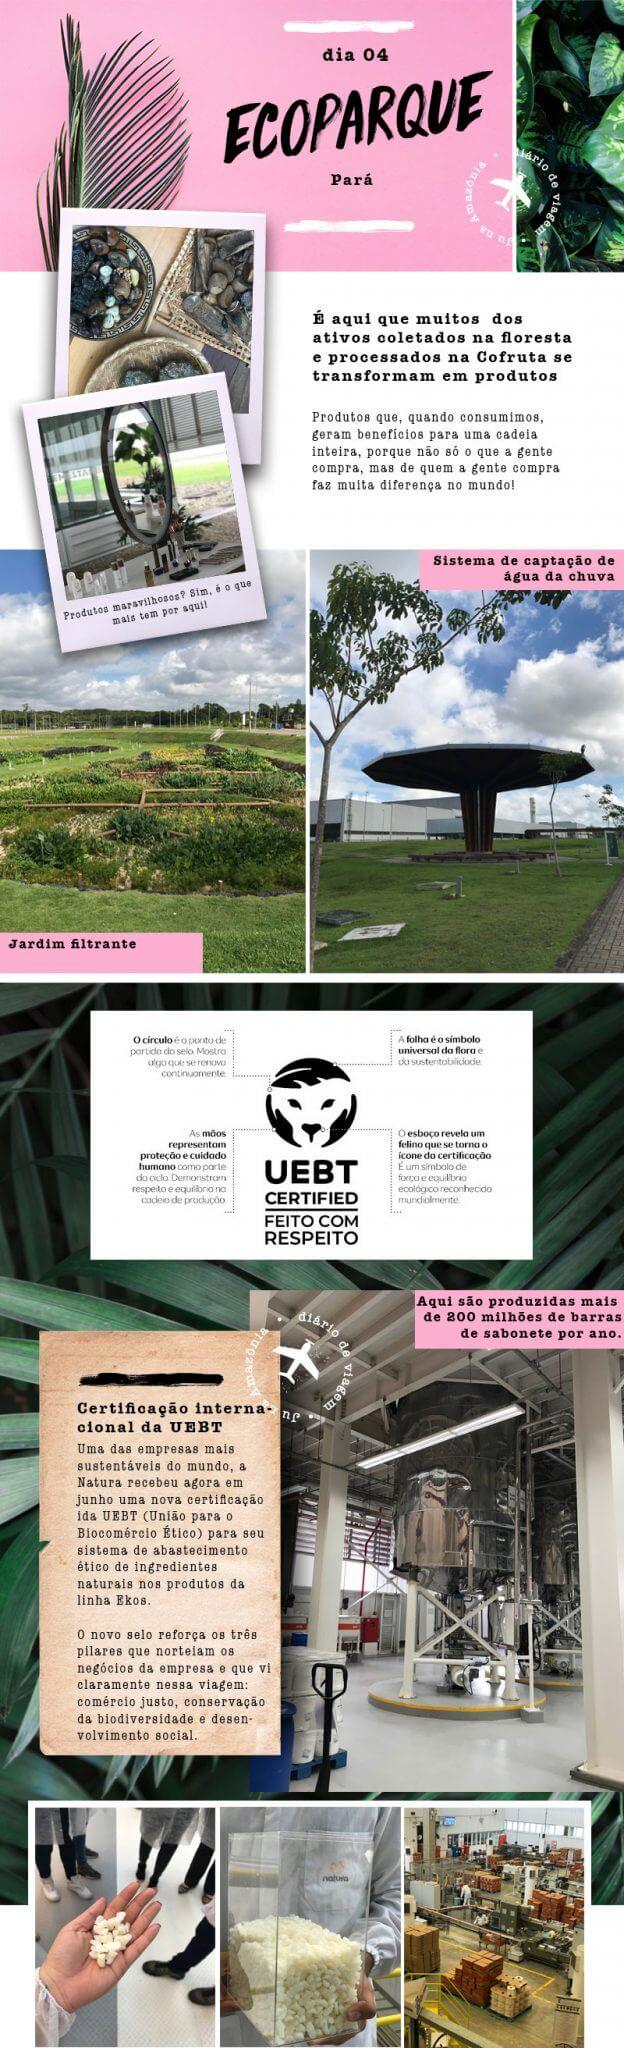 amazônia com natura ekos UEBT juro valendo